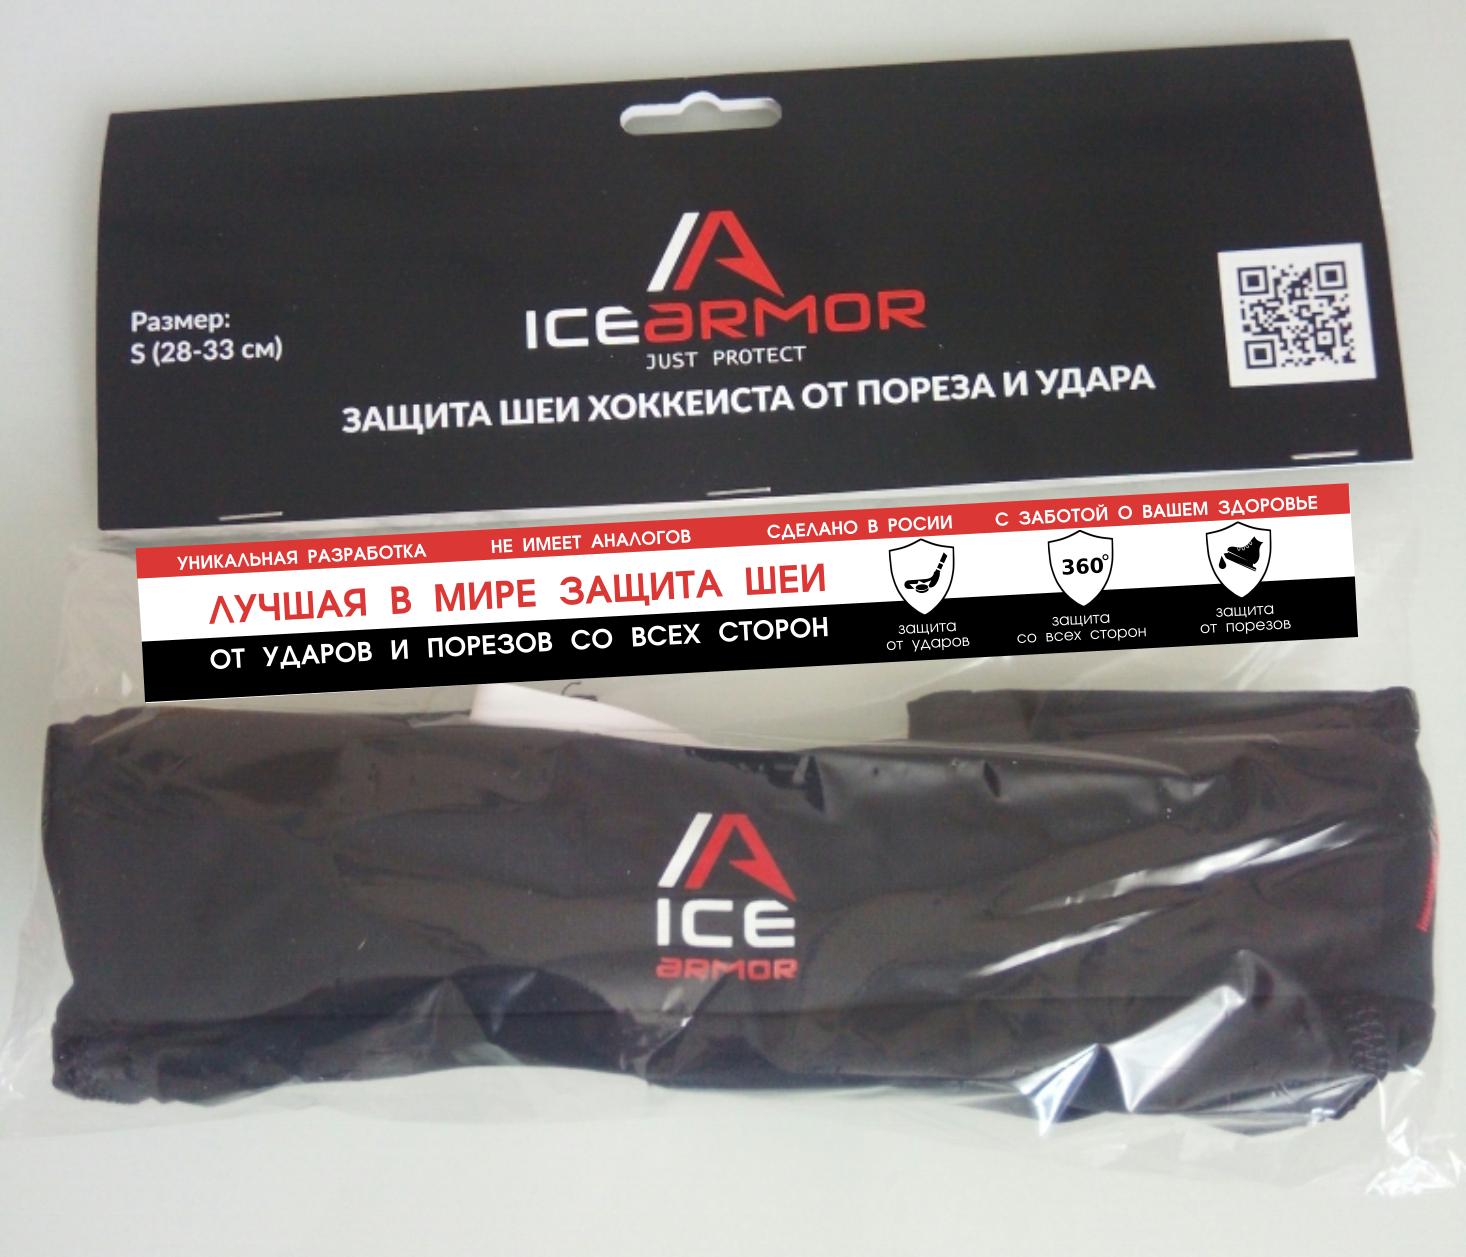 Дизайн продающей наклейки на упаковку уникального продукта фото f_6505b220a1362b32.png